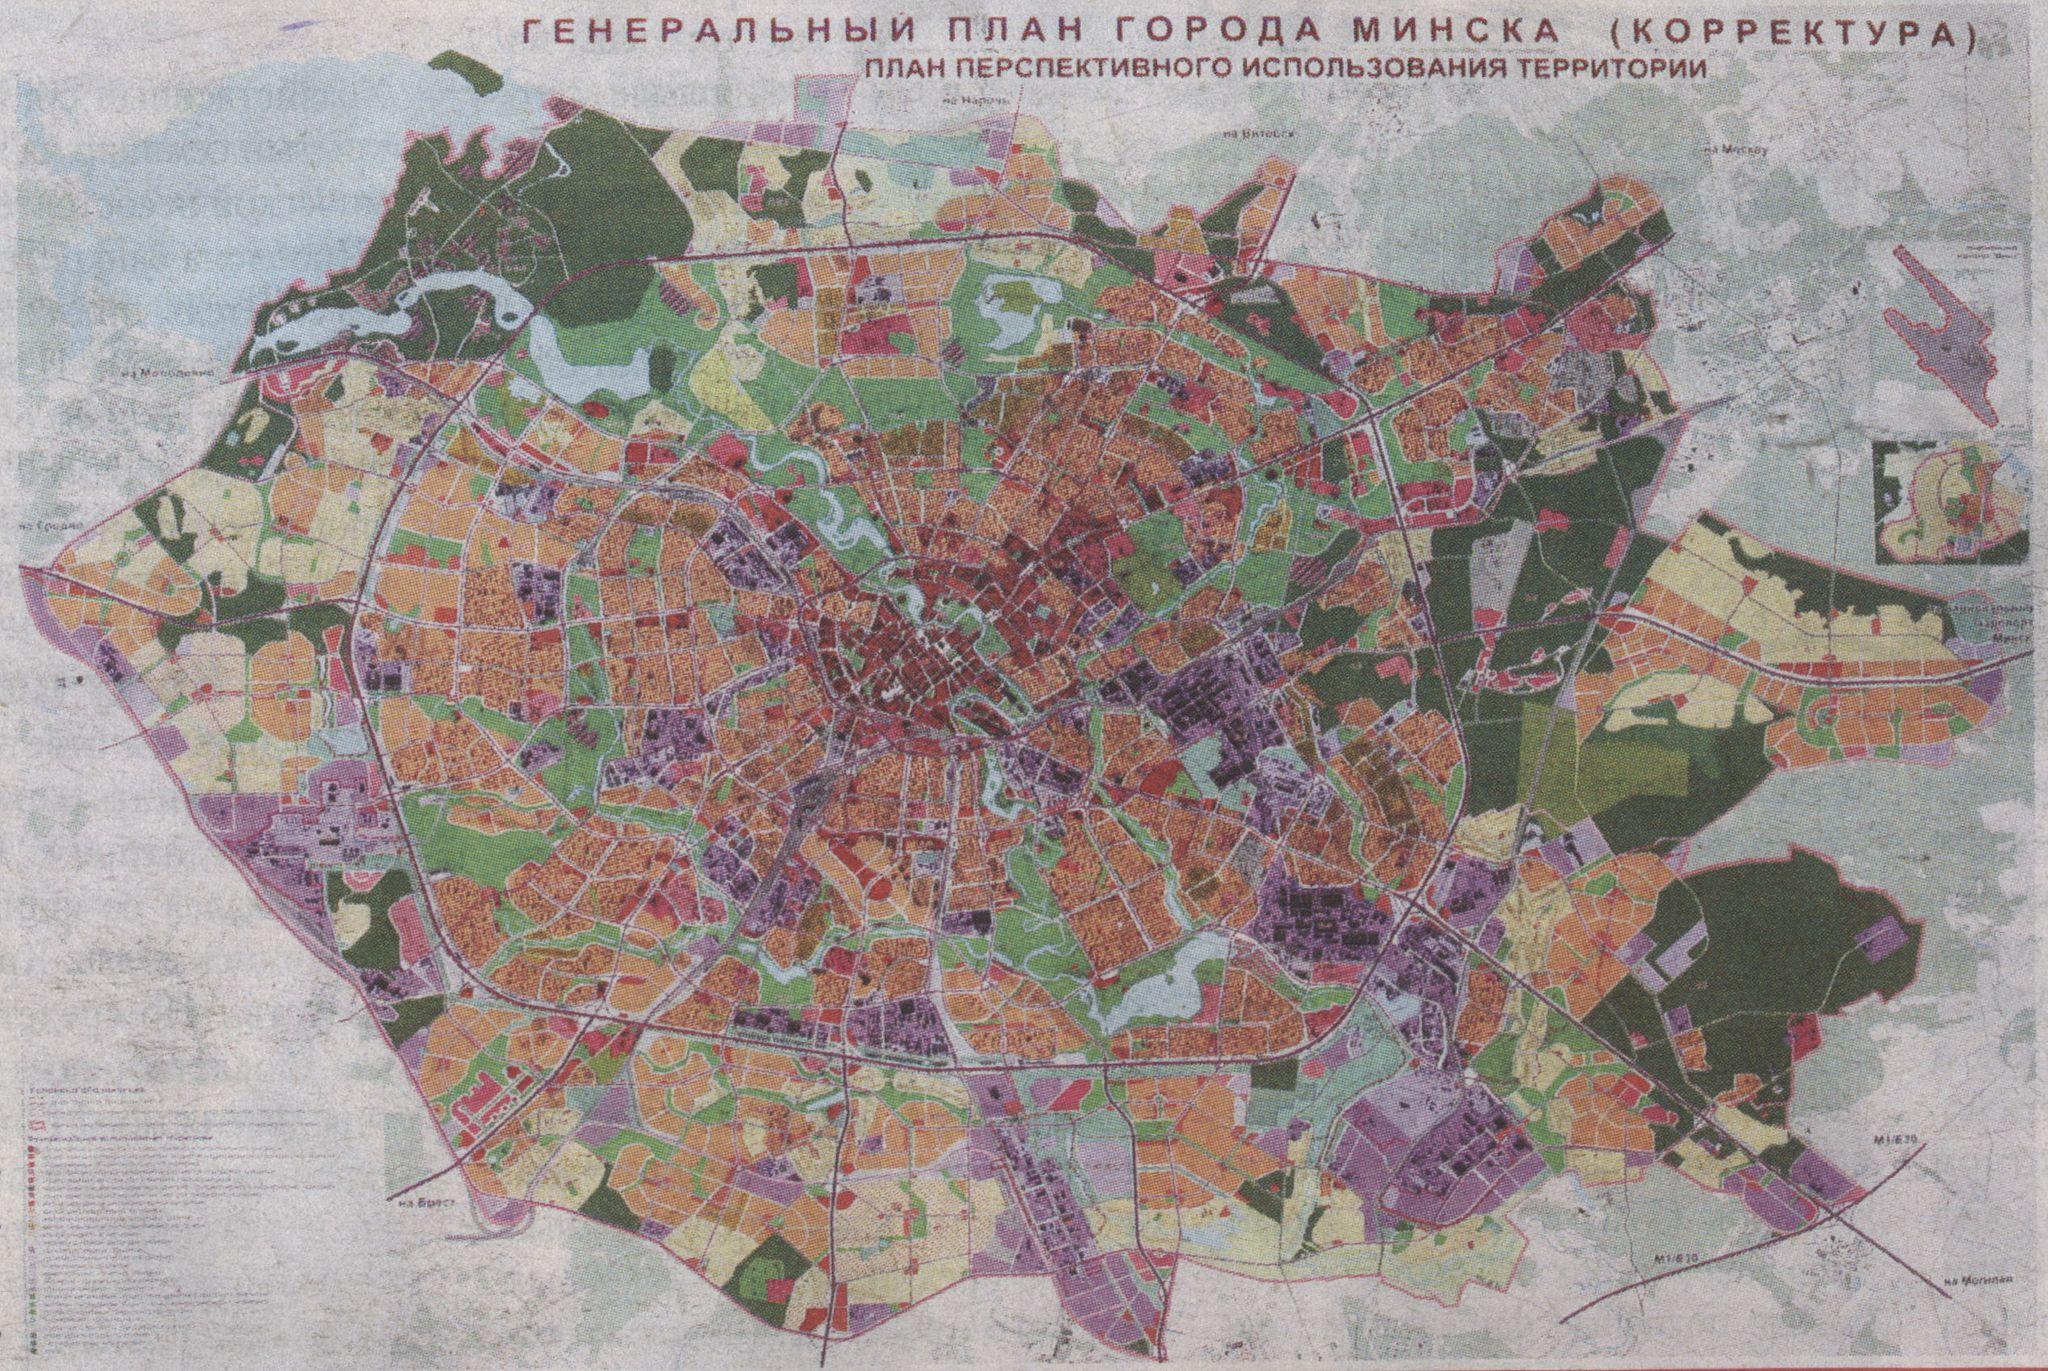 Минск: сервис от евроопта заработал на 100% - любые продукты с доставкой на дом